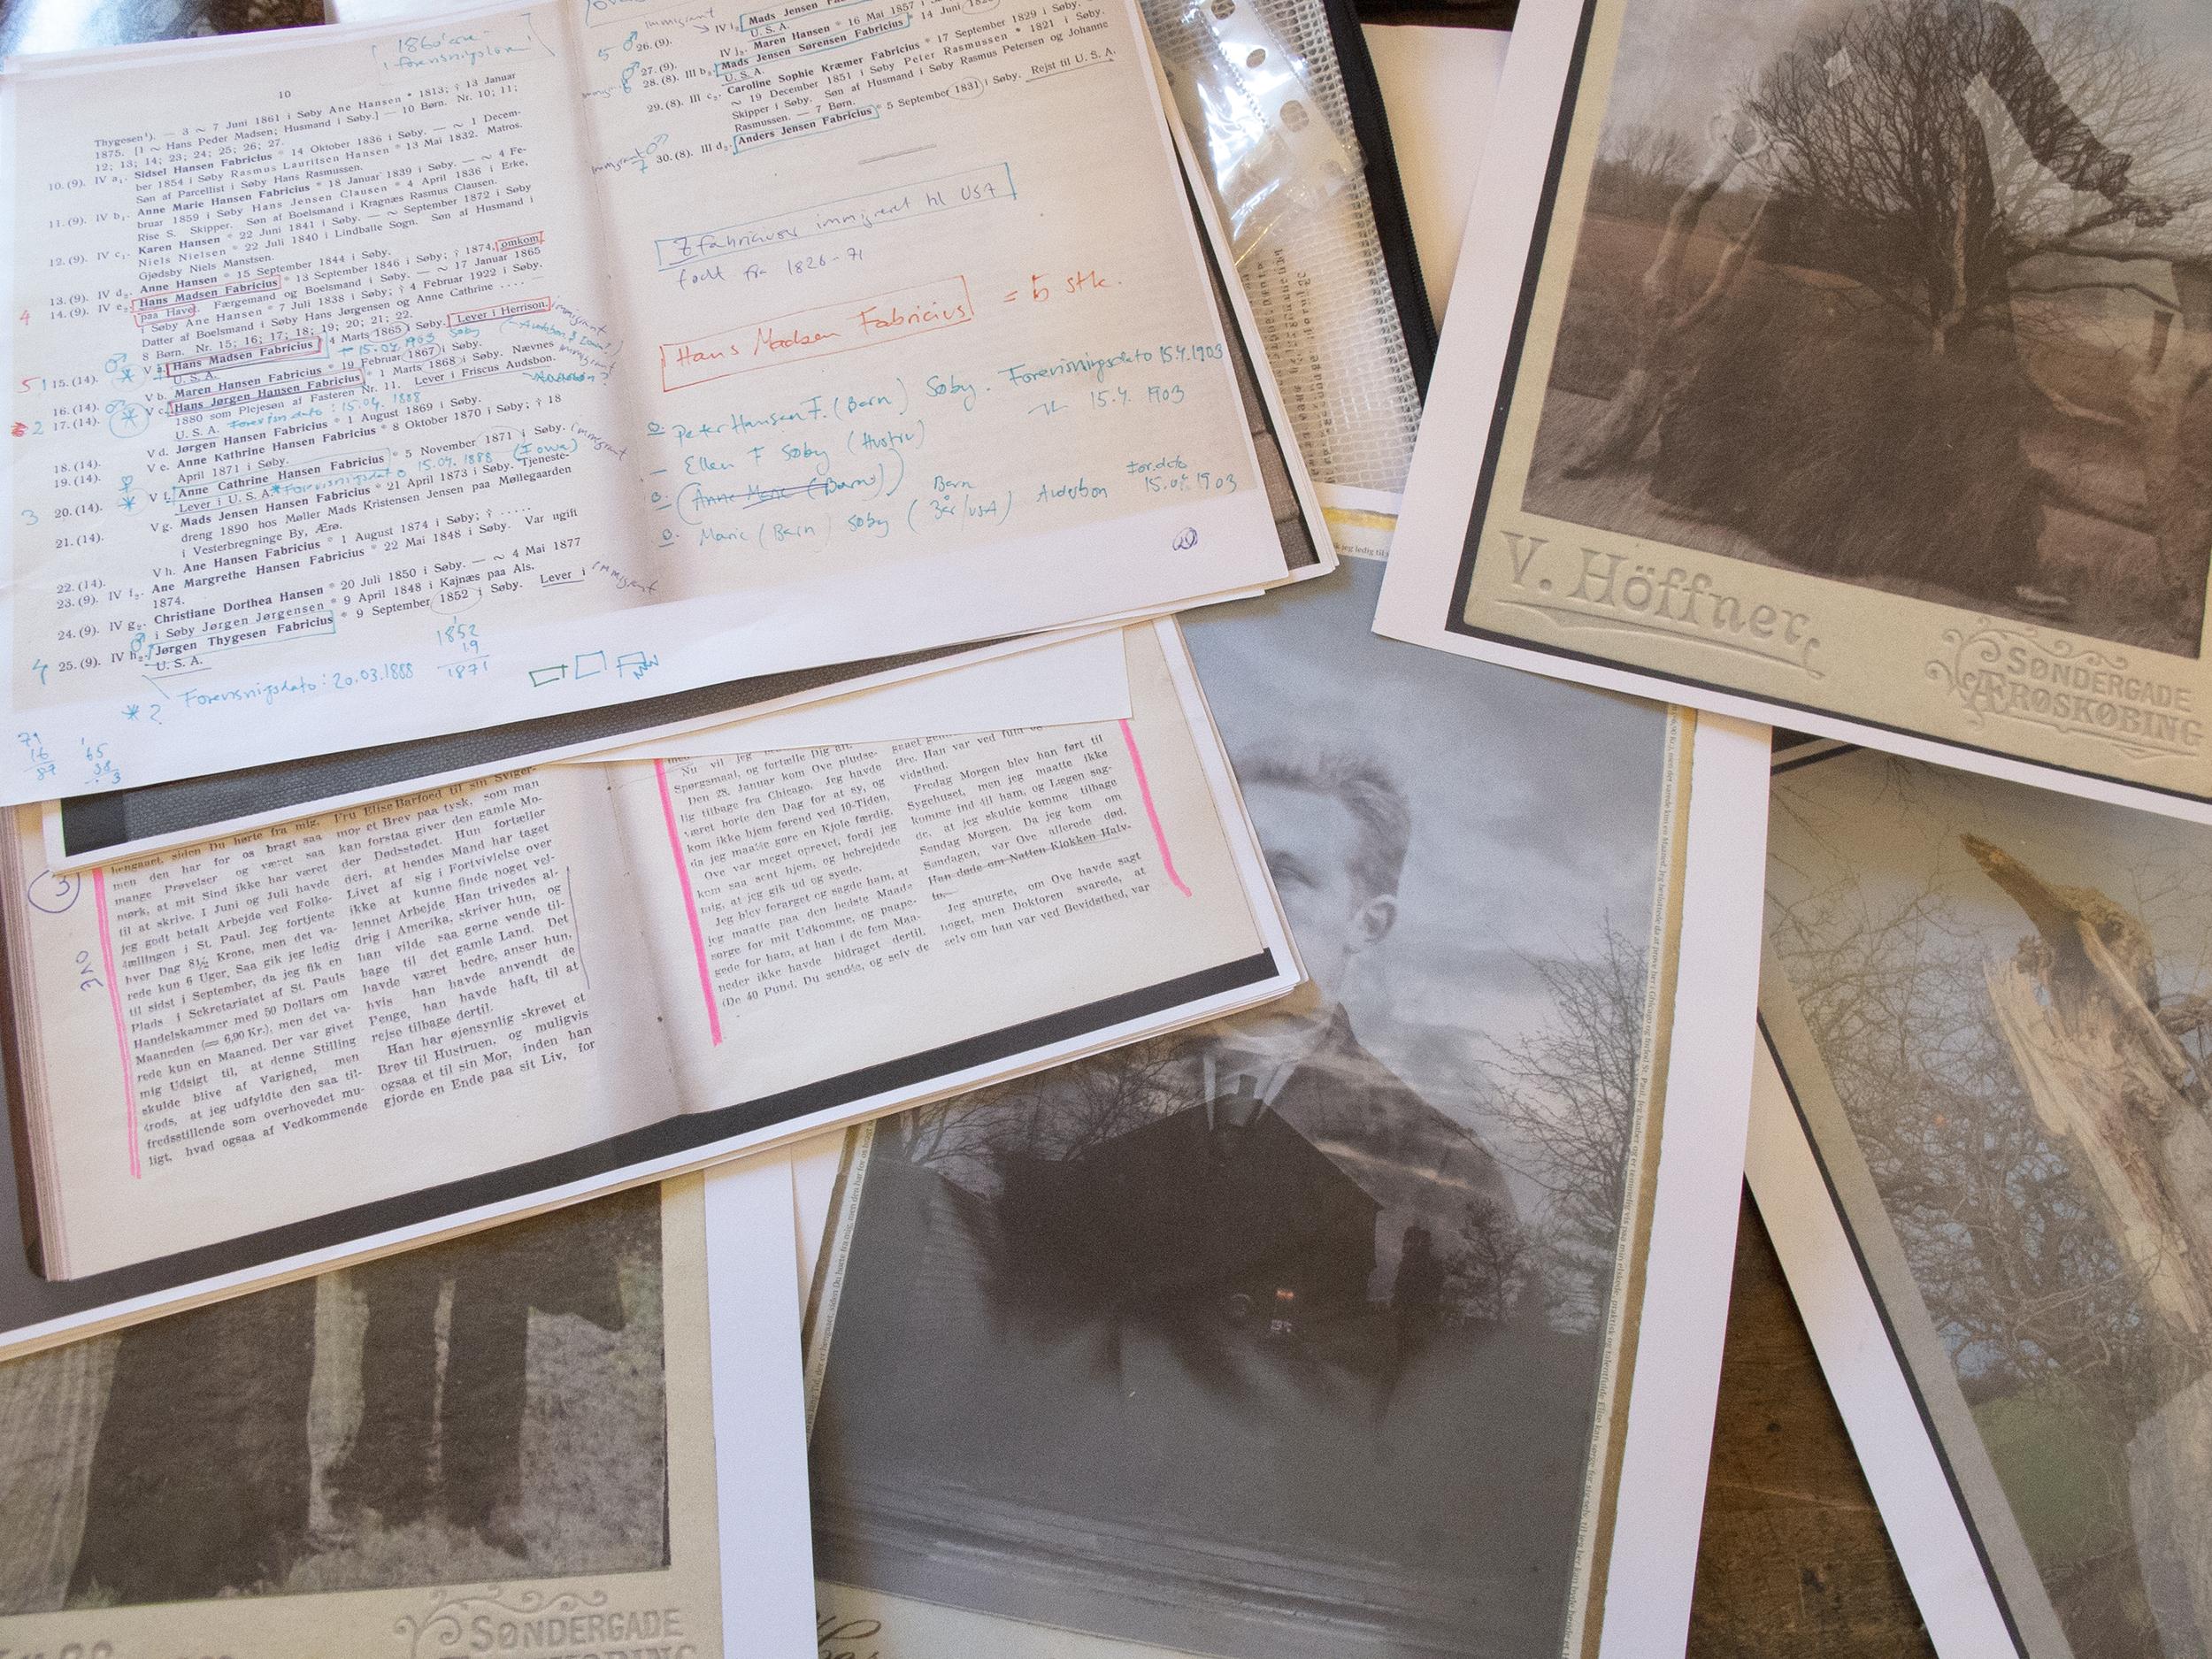 Slægtsforskning og testprint af fotografiske værker